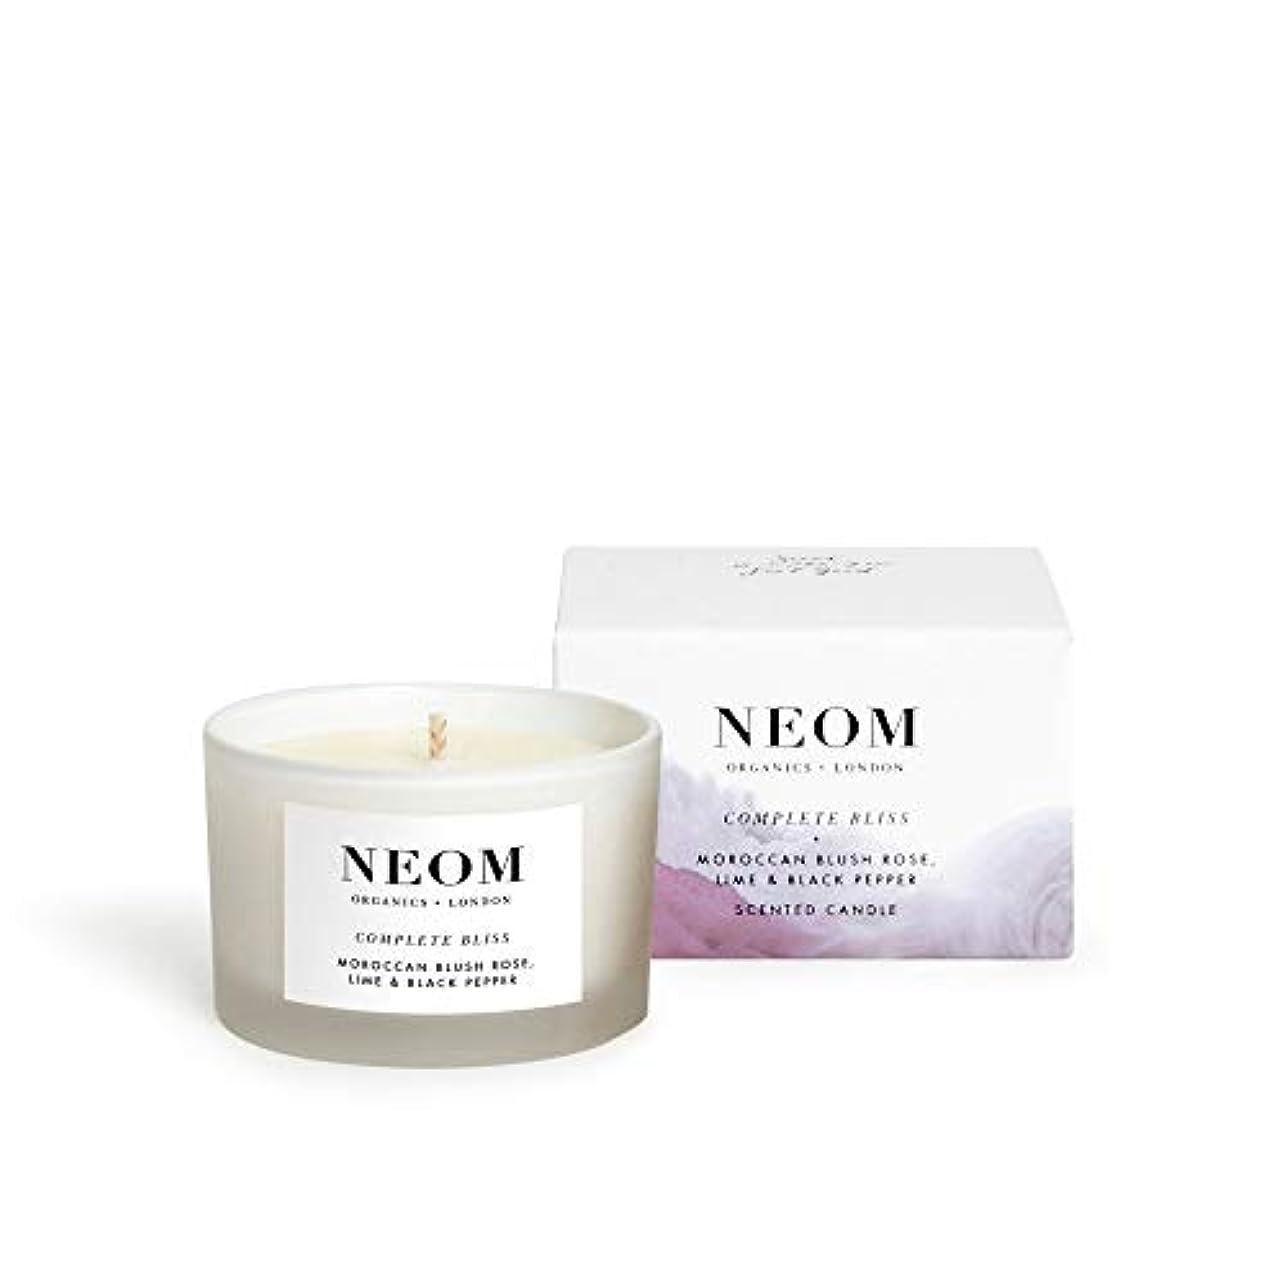 ほめる境界ふつう[Neom] Neom完全な至福の旅行キャンドル75グラム - Neom Complete Bliss Travel Candle 75g [並行輸入品]